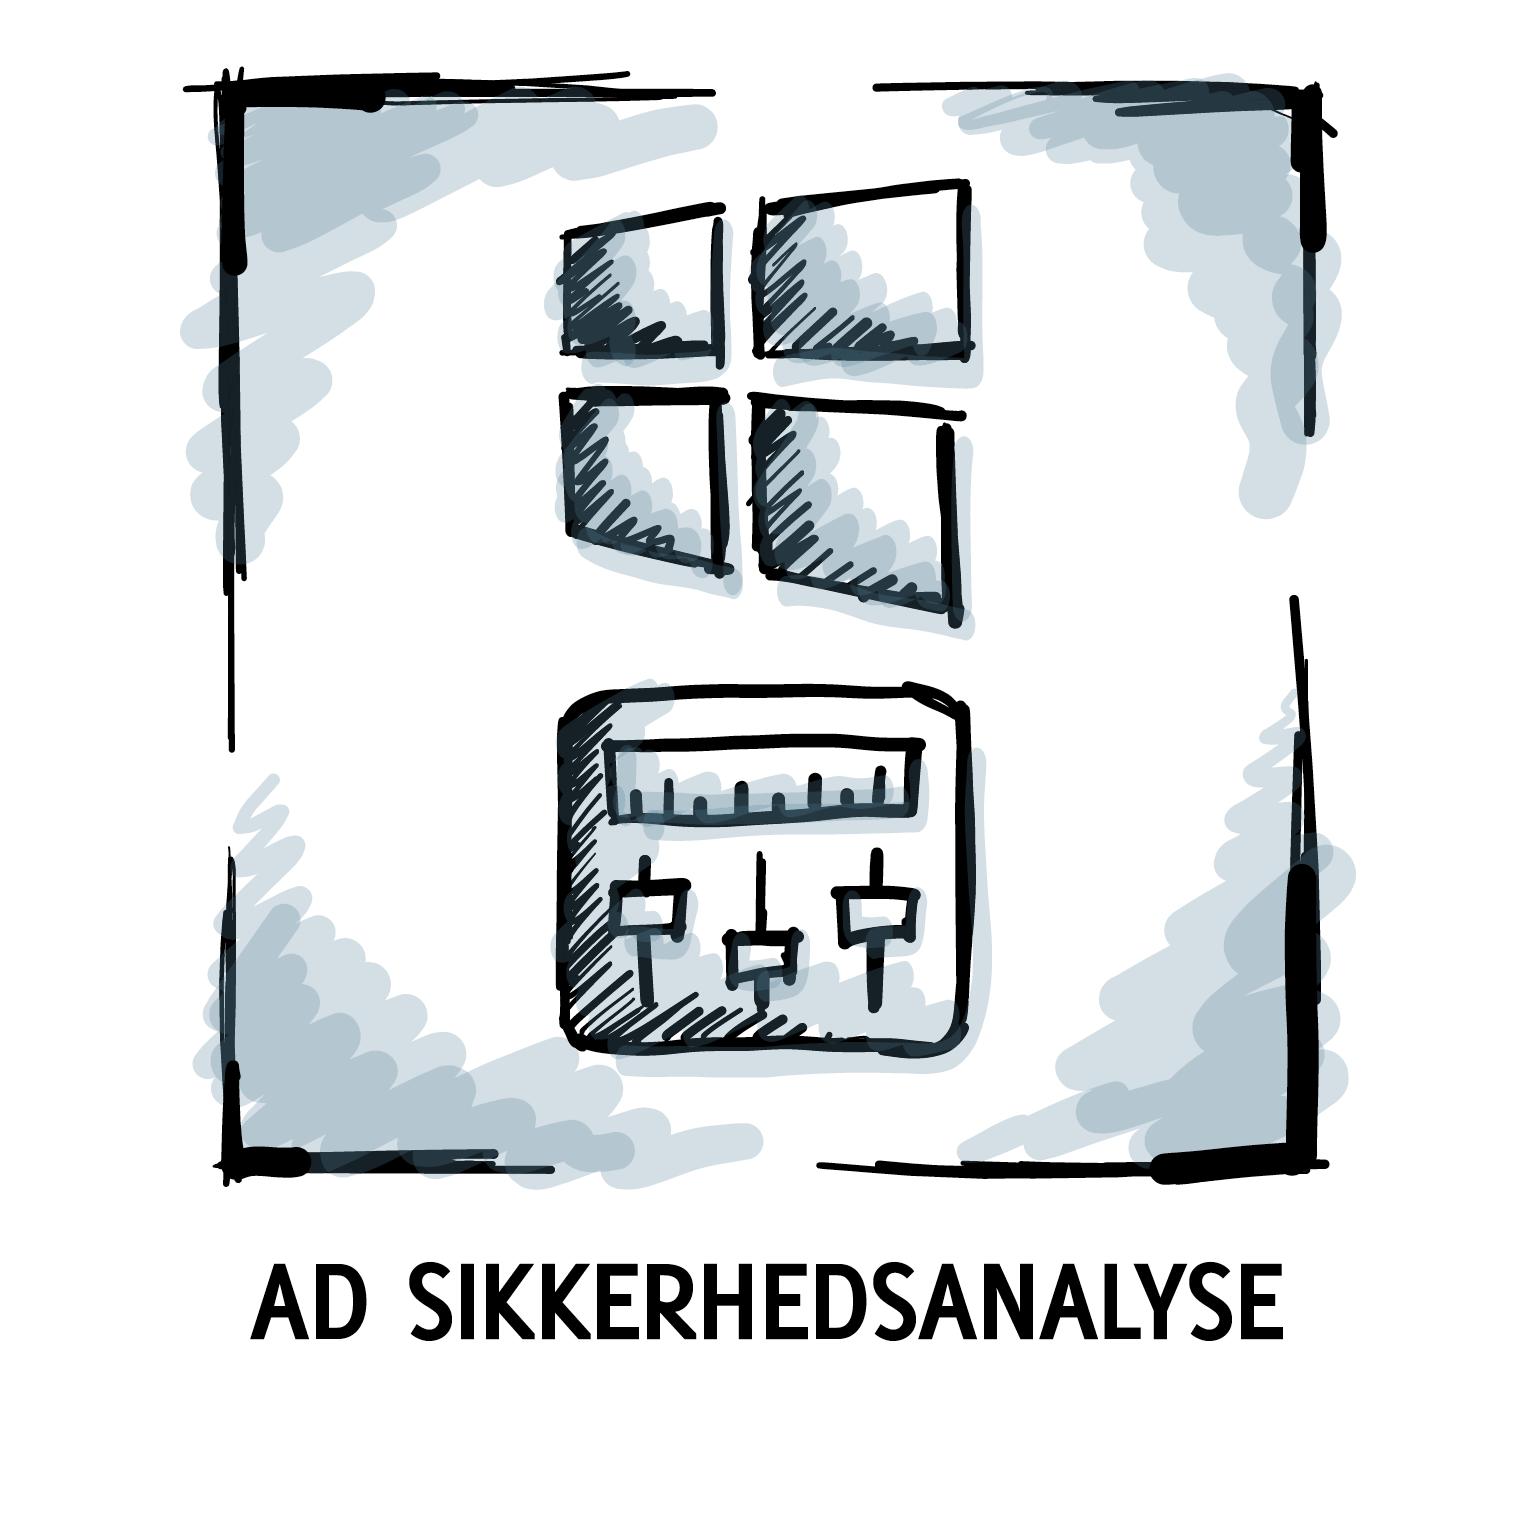 IMPROSEC Ikoner til WEB kvadrat DK v22.png